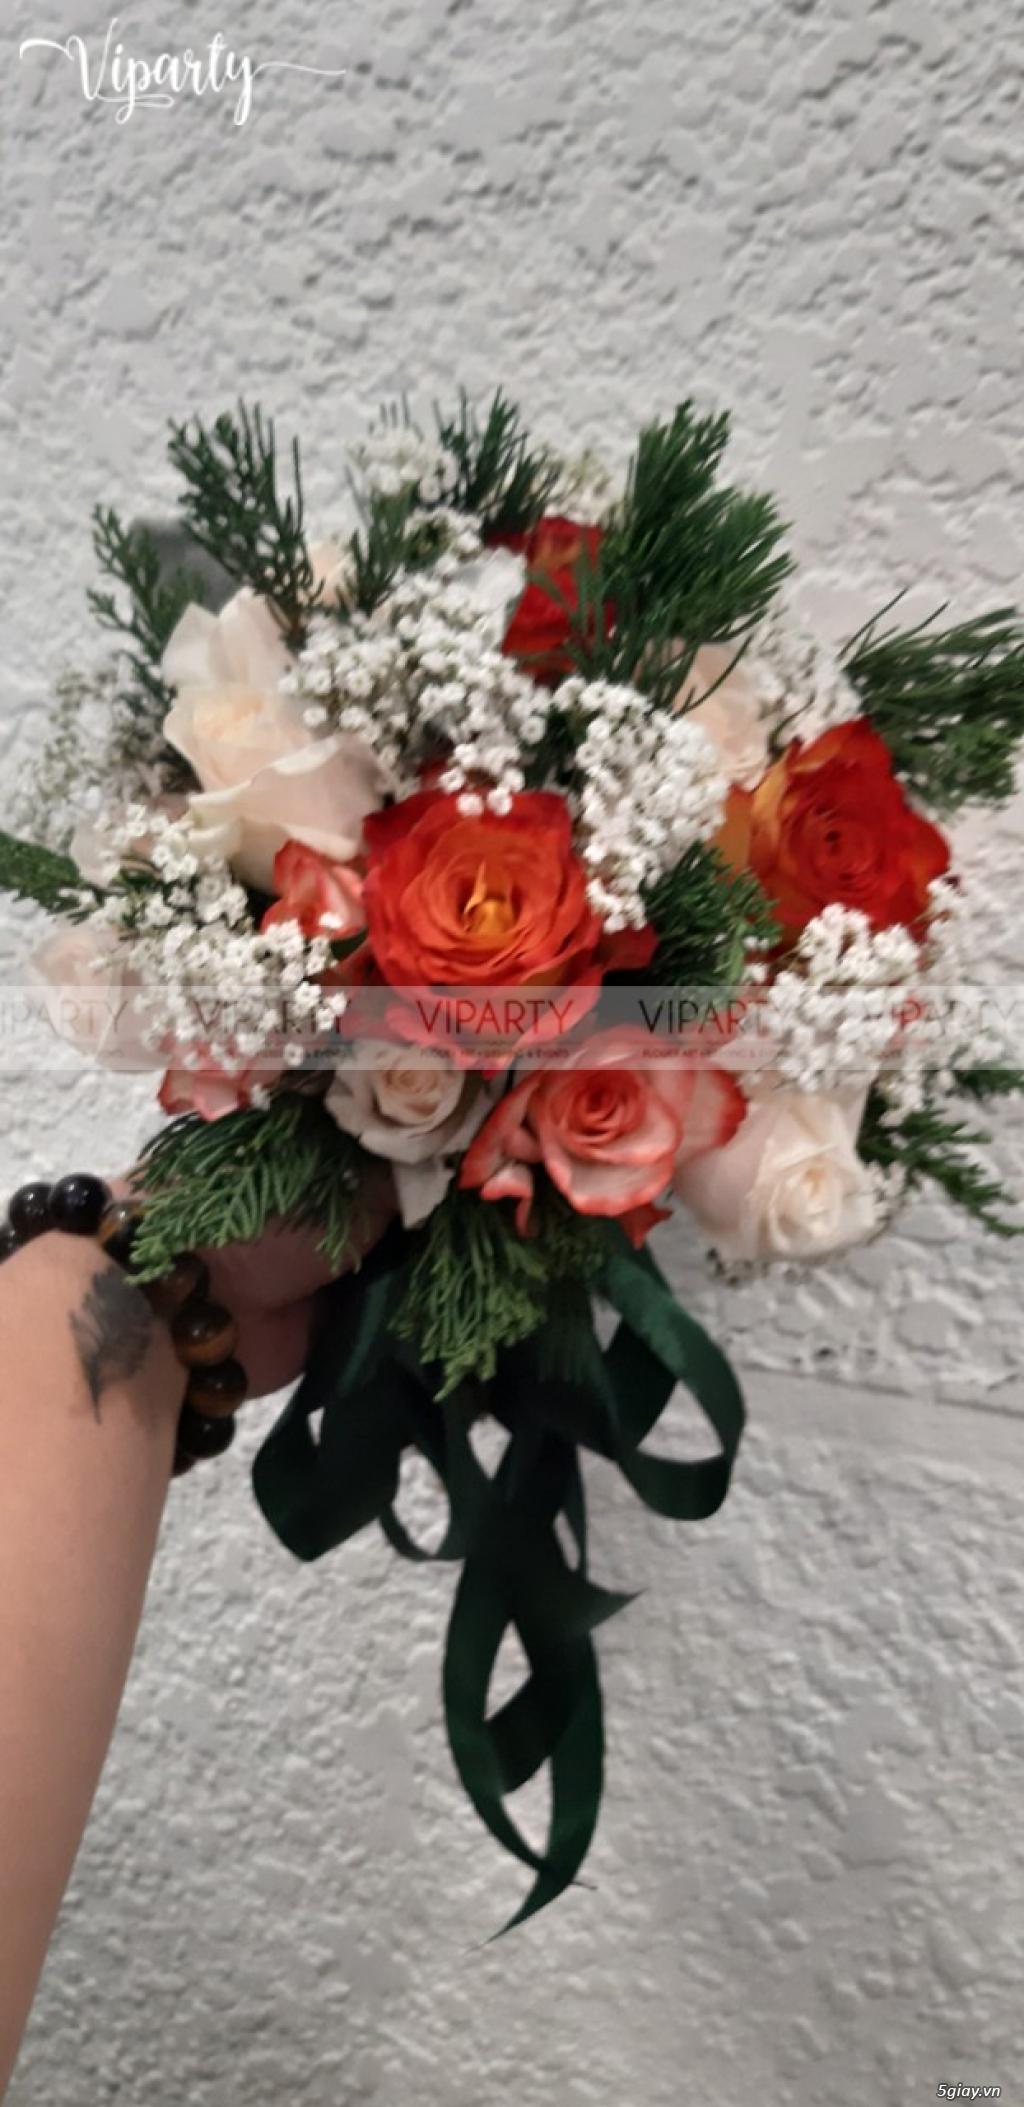 Chuyên cung cấp: Hoa cầm tay Cô Dâu & Hoa Sự Kiện : Wedding & Events - 24